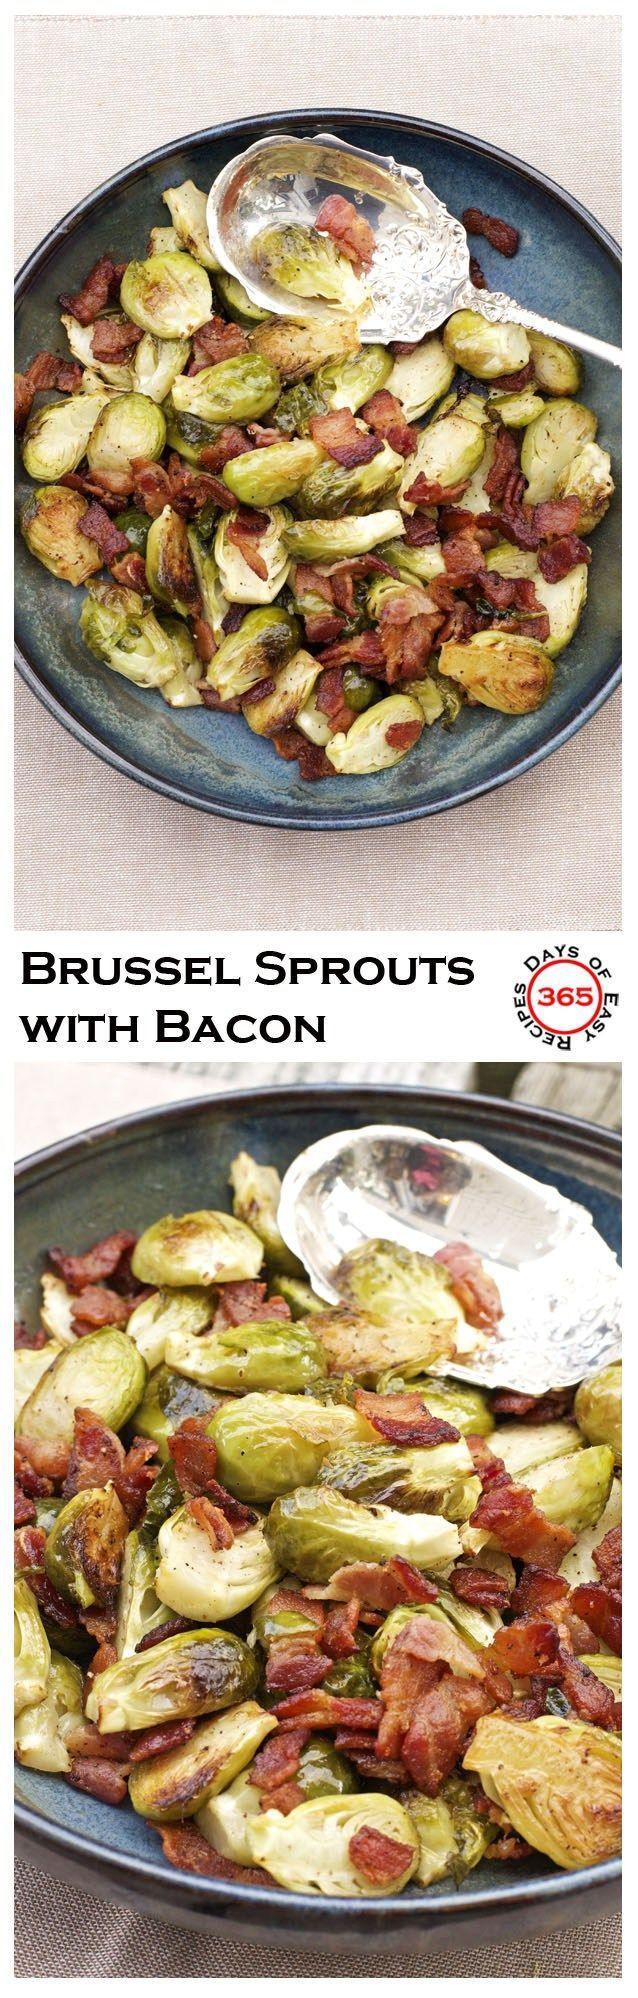 Sides For Christmas Dinner  100 Christmas dinner recipes on Pinterest